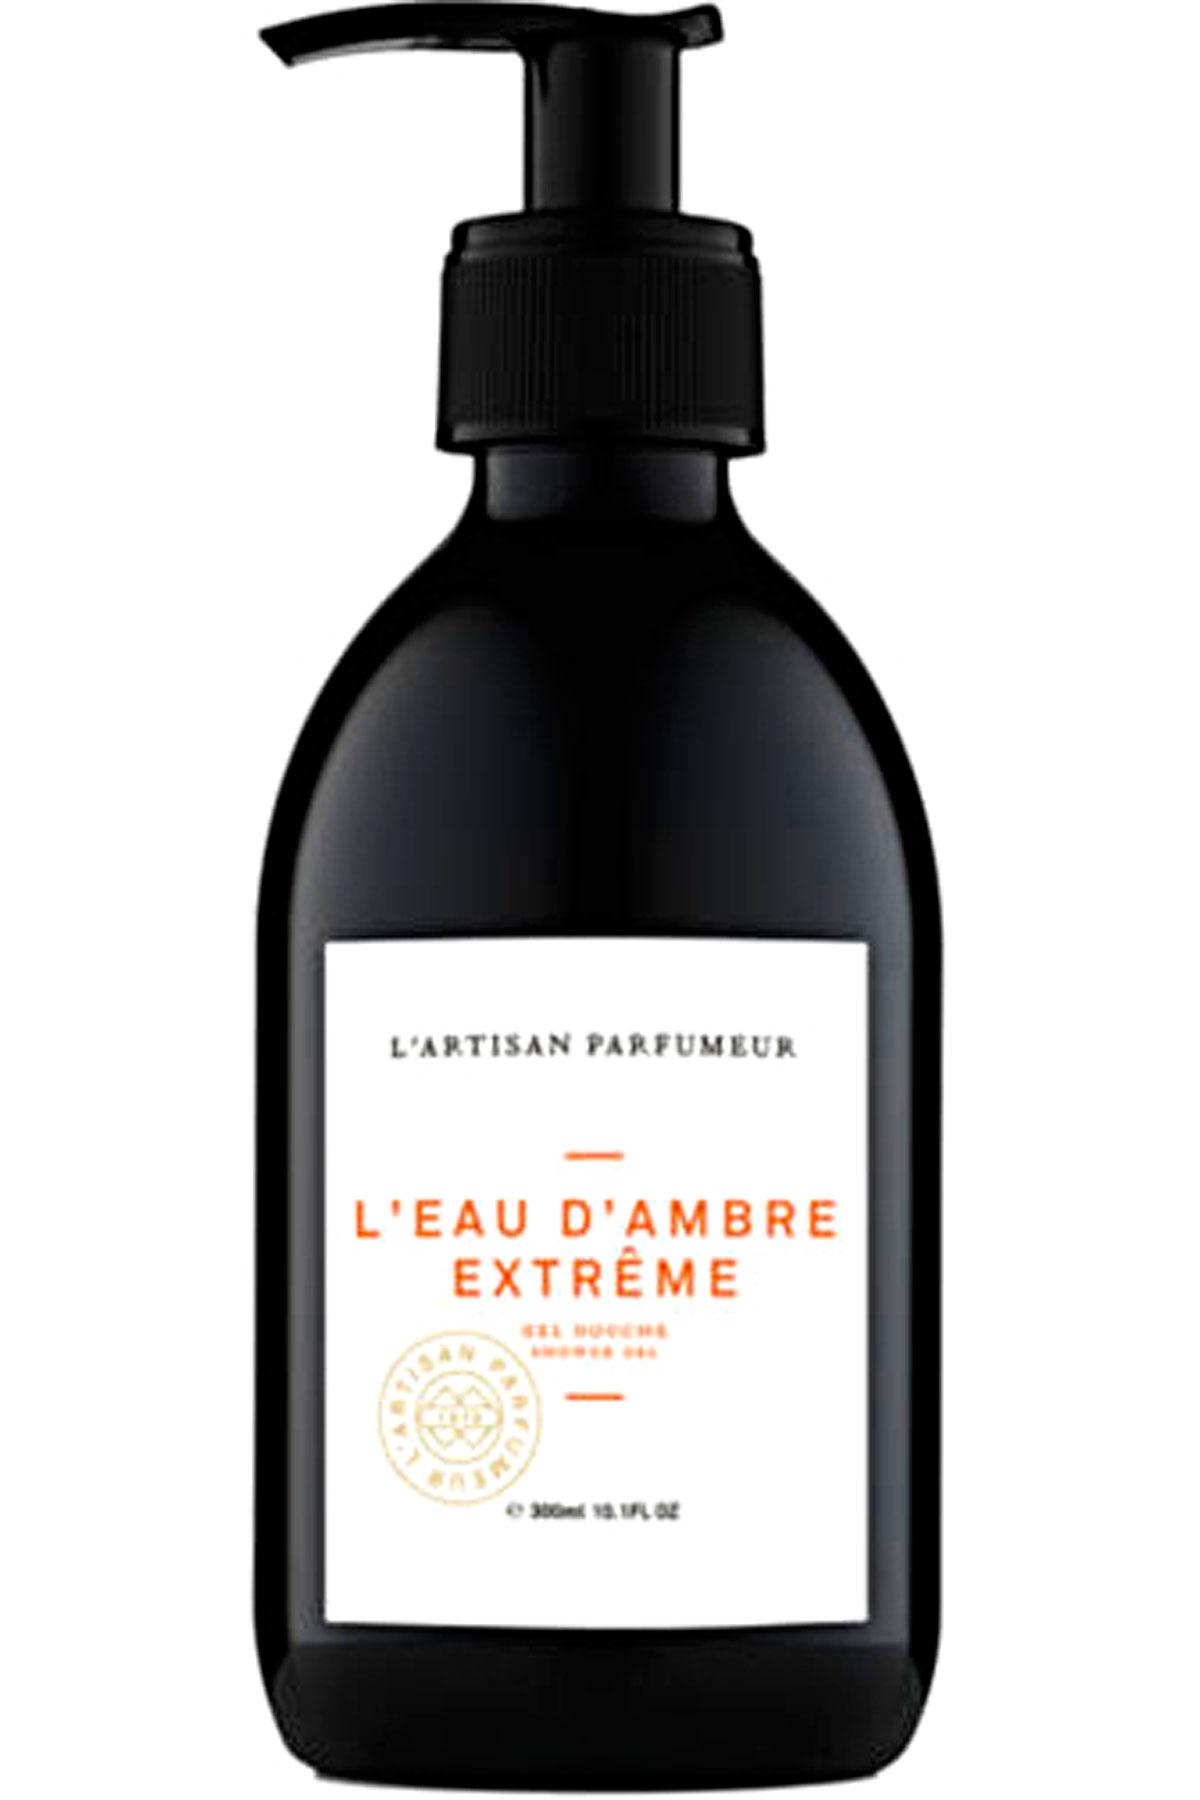 Artisan Parfumeur Beauty for Women On Sale, L Eau D Ambre Extreme - Shower Gel -300 Ml, 2019, 300 ml